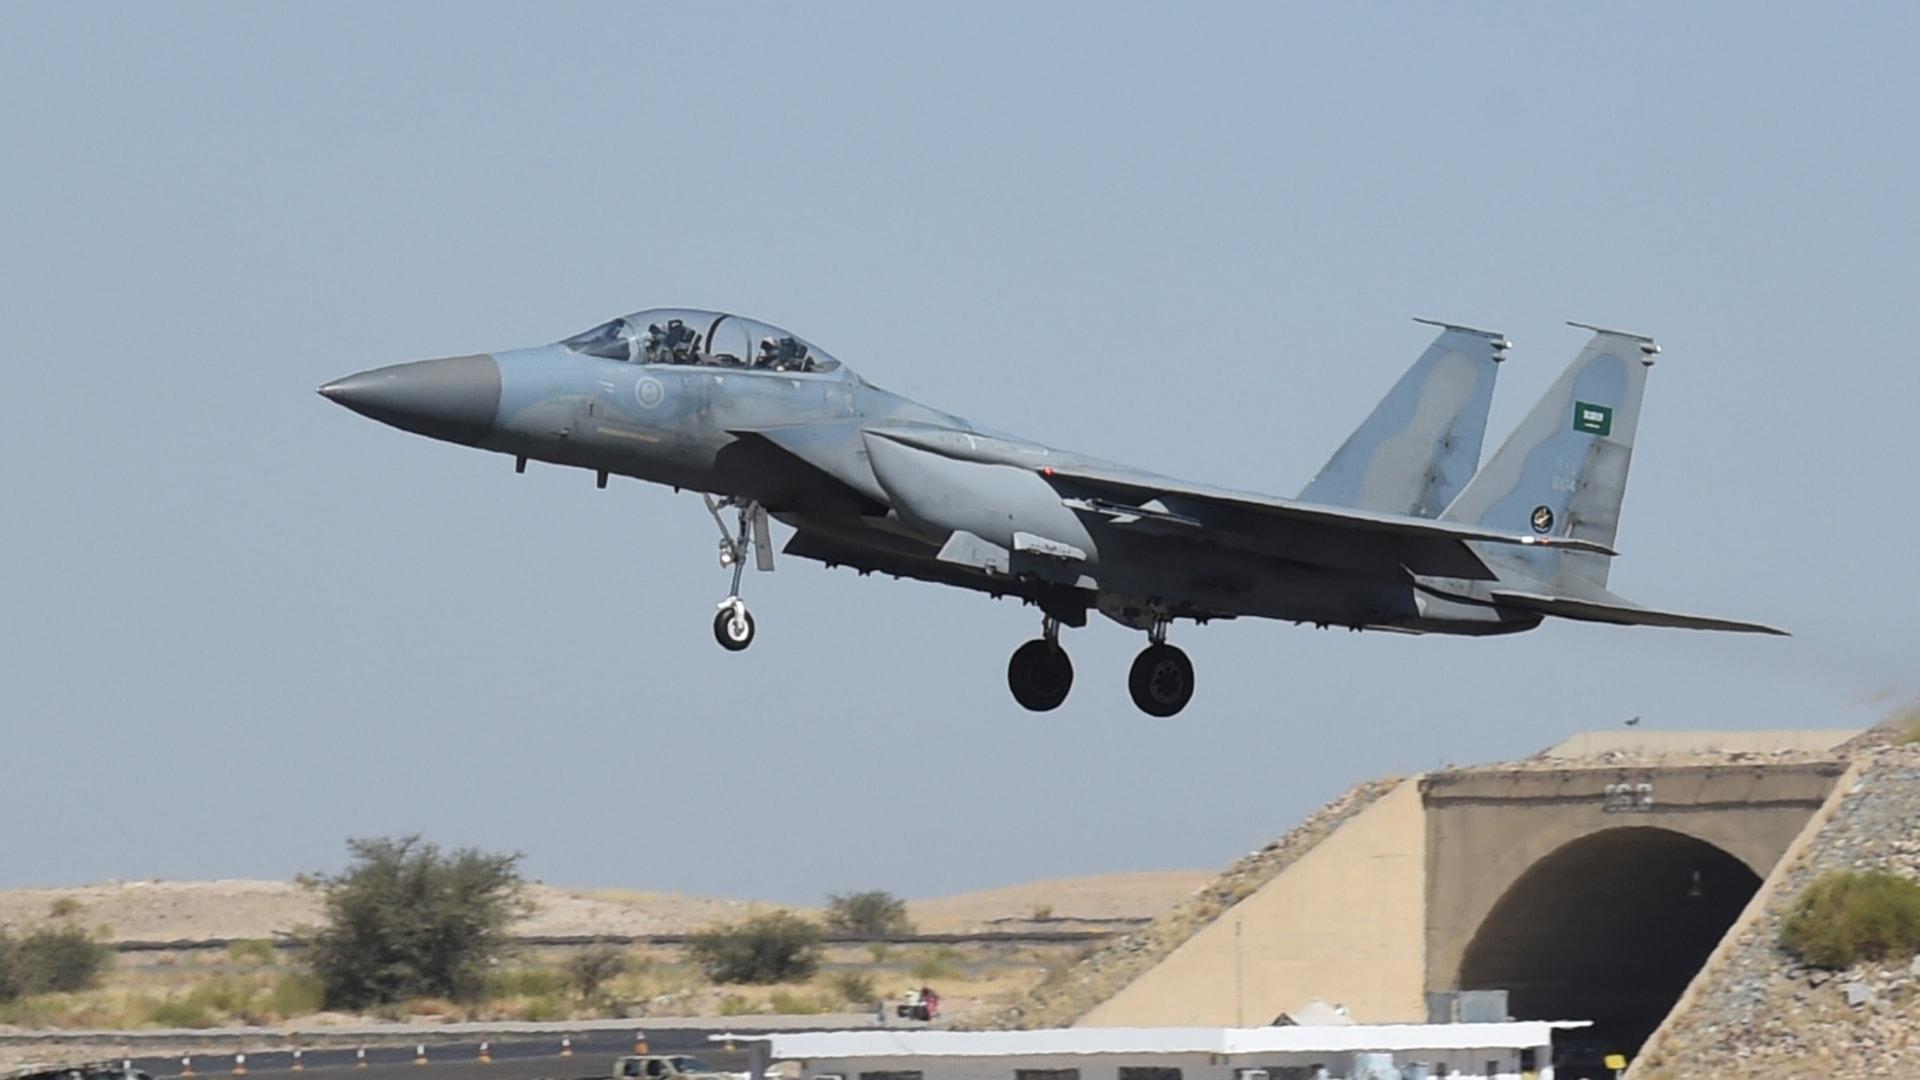 طائرة مقاتلة سعودية من طراز F-15 تهبط في قاعدة خميس مشيط الجوية العسكرية، في 16 نوفمبر 2015